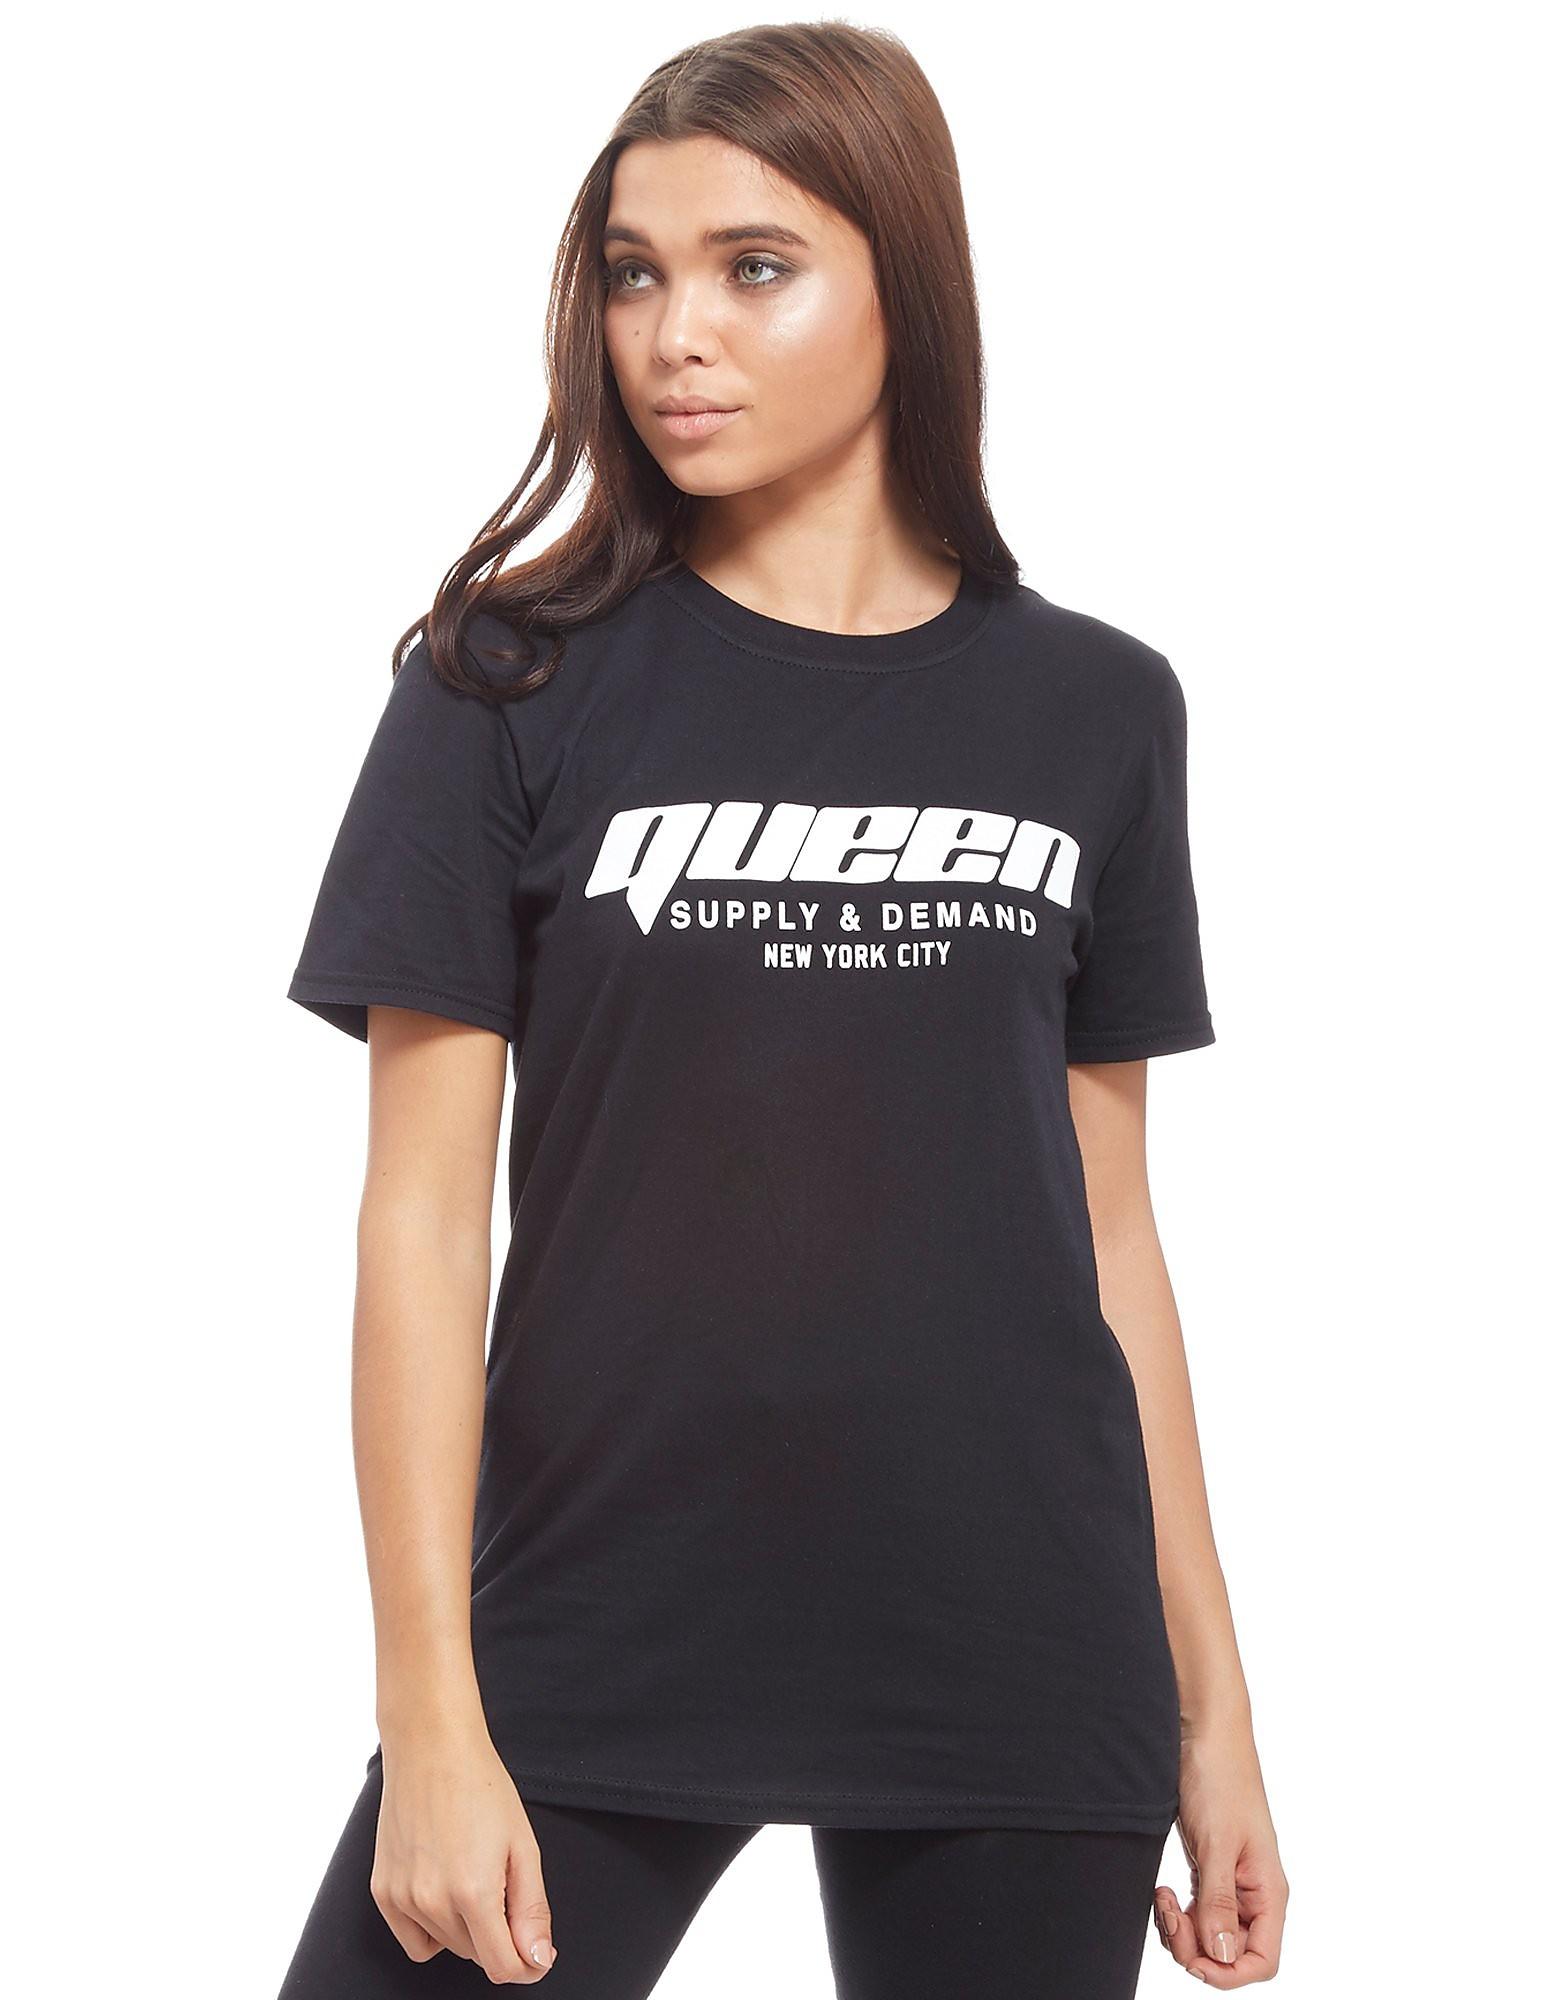 Supply & Demand Queen New York City T-Shirt